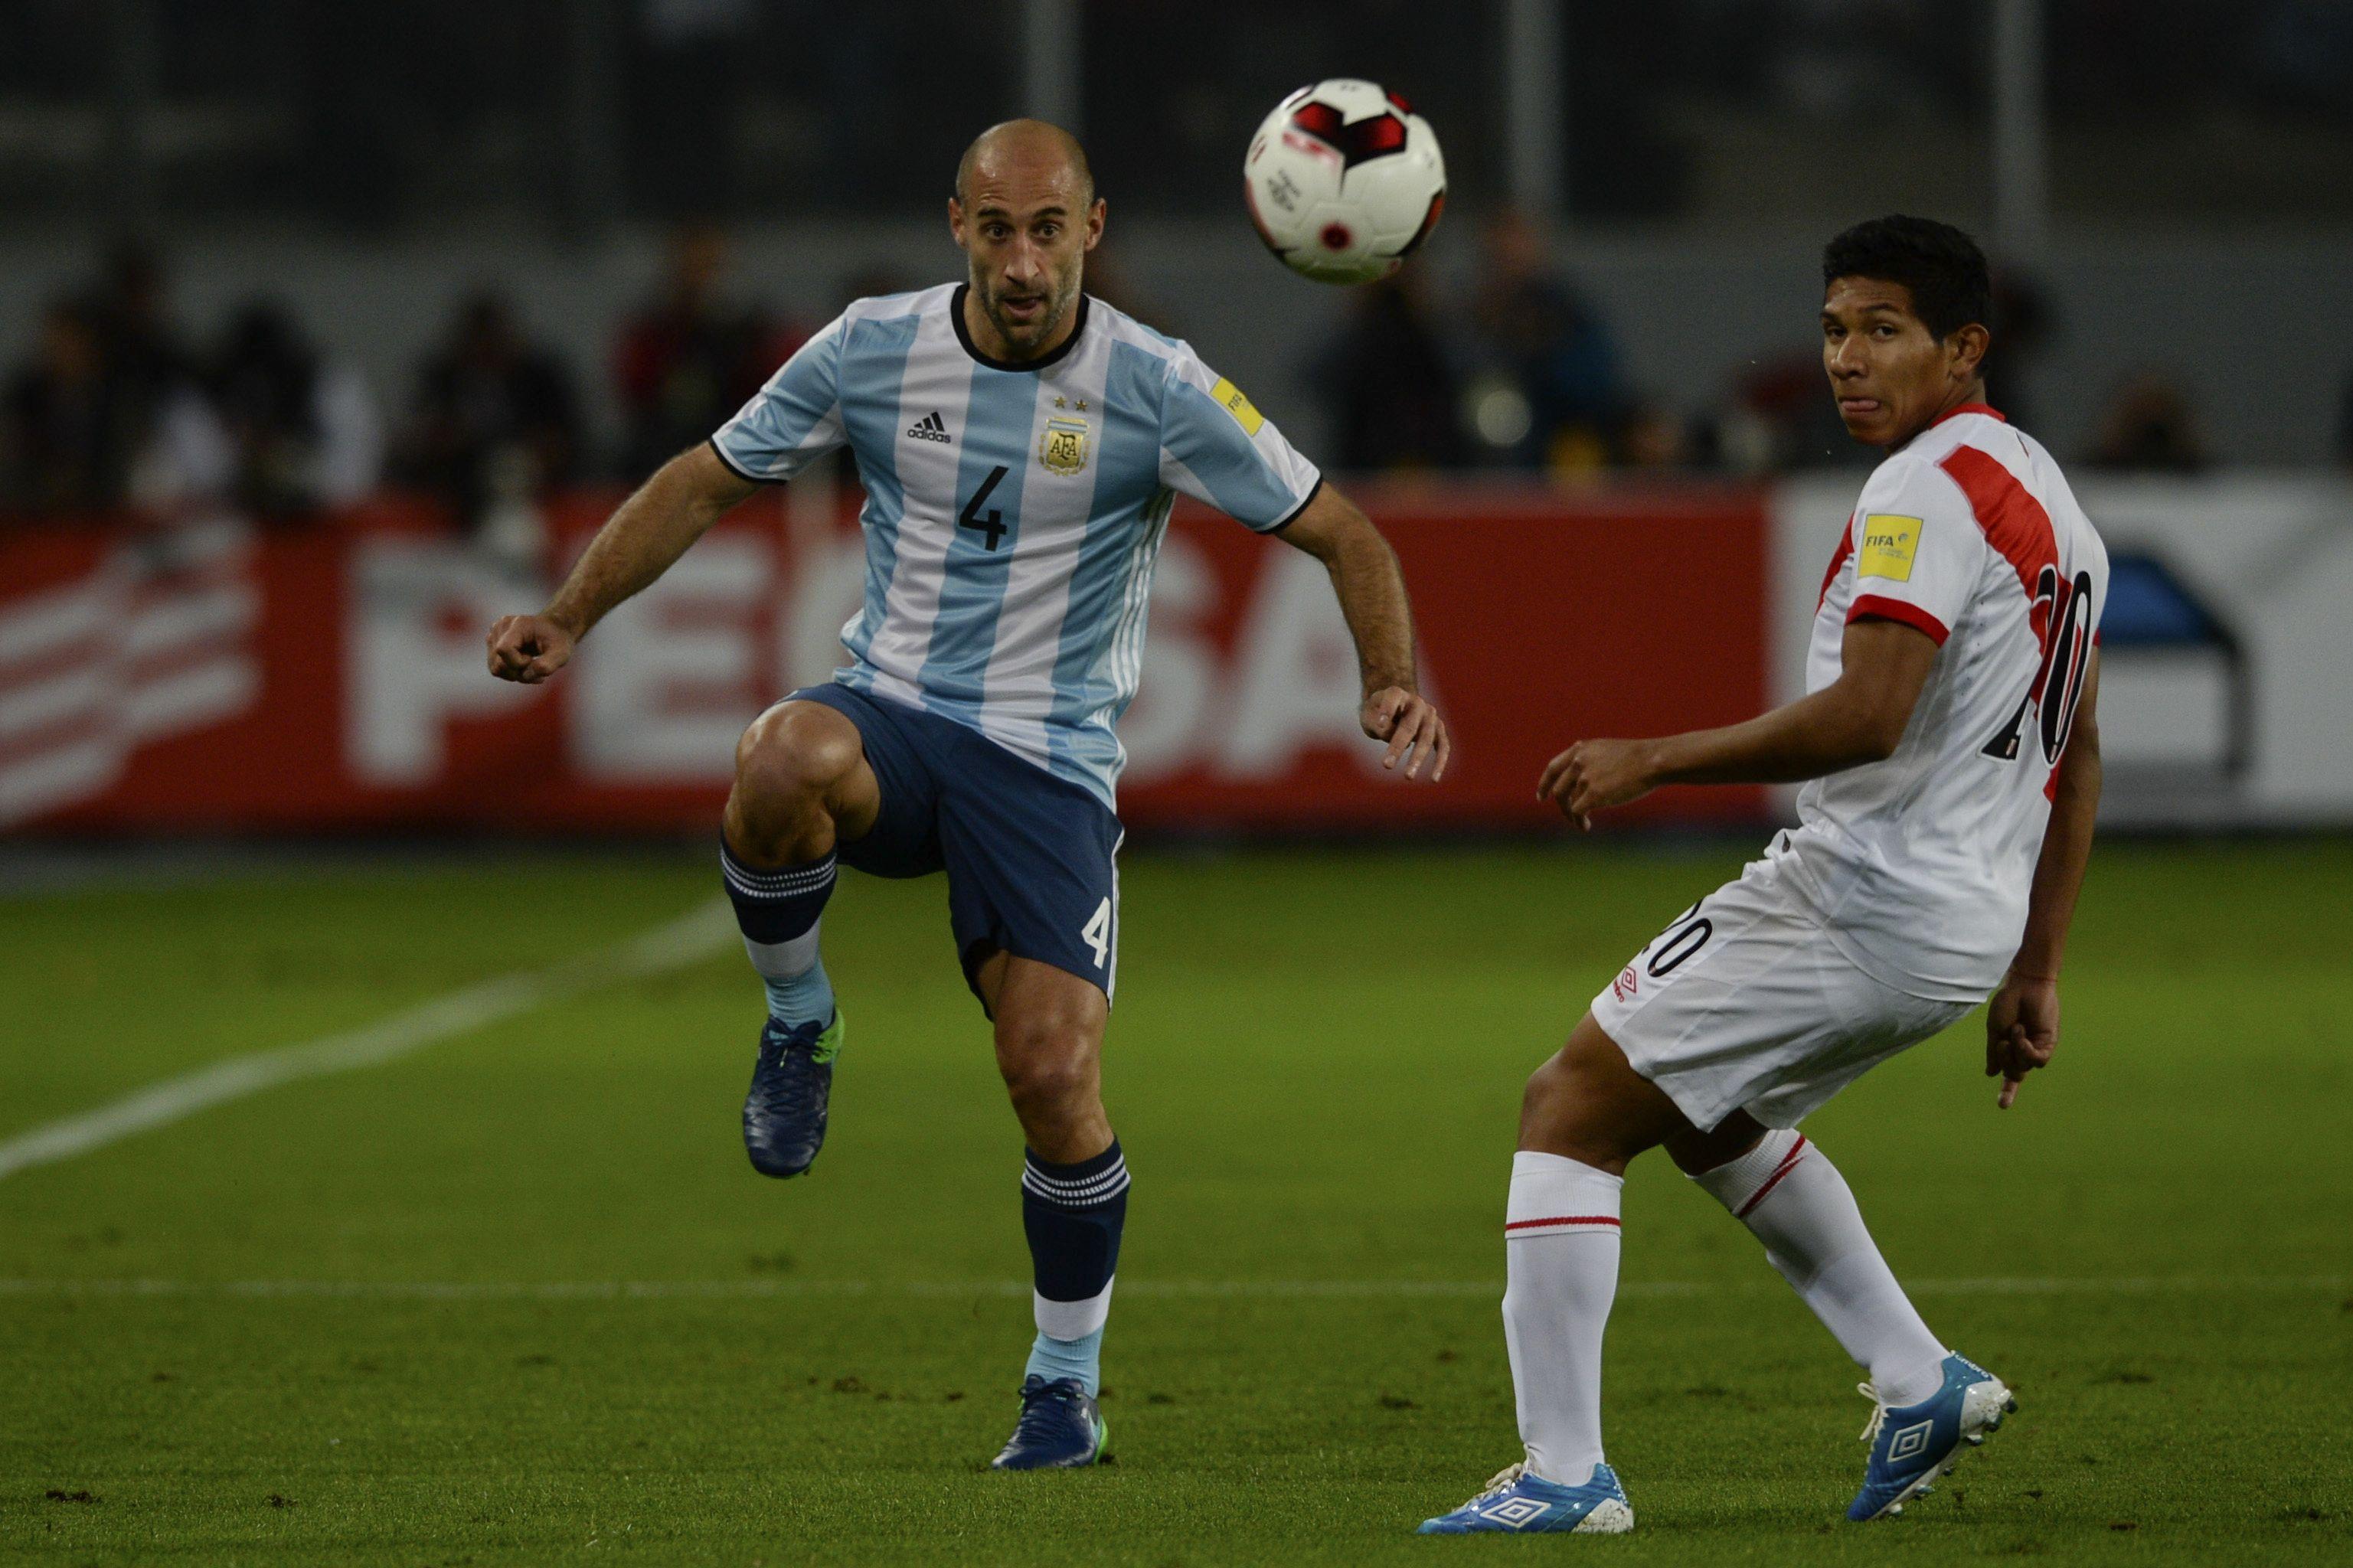 Argentina visita a Perú por la novena fecha de las Eliminatorias Sudamericanas